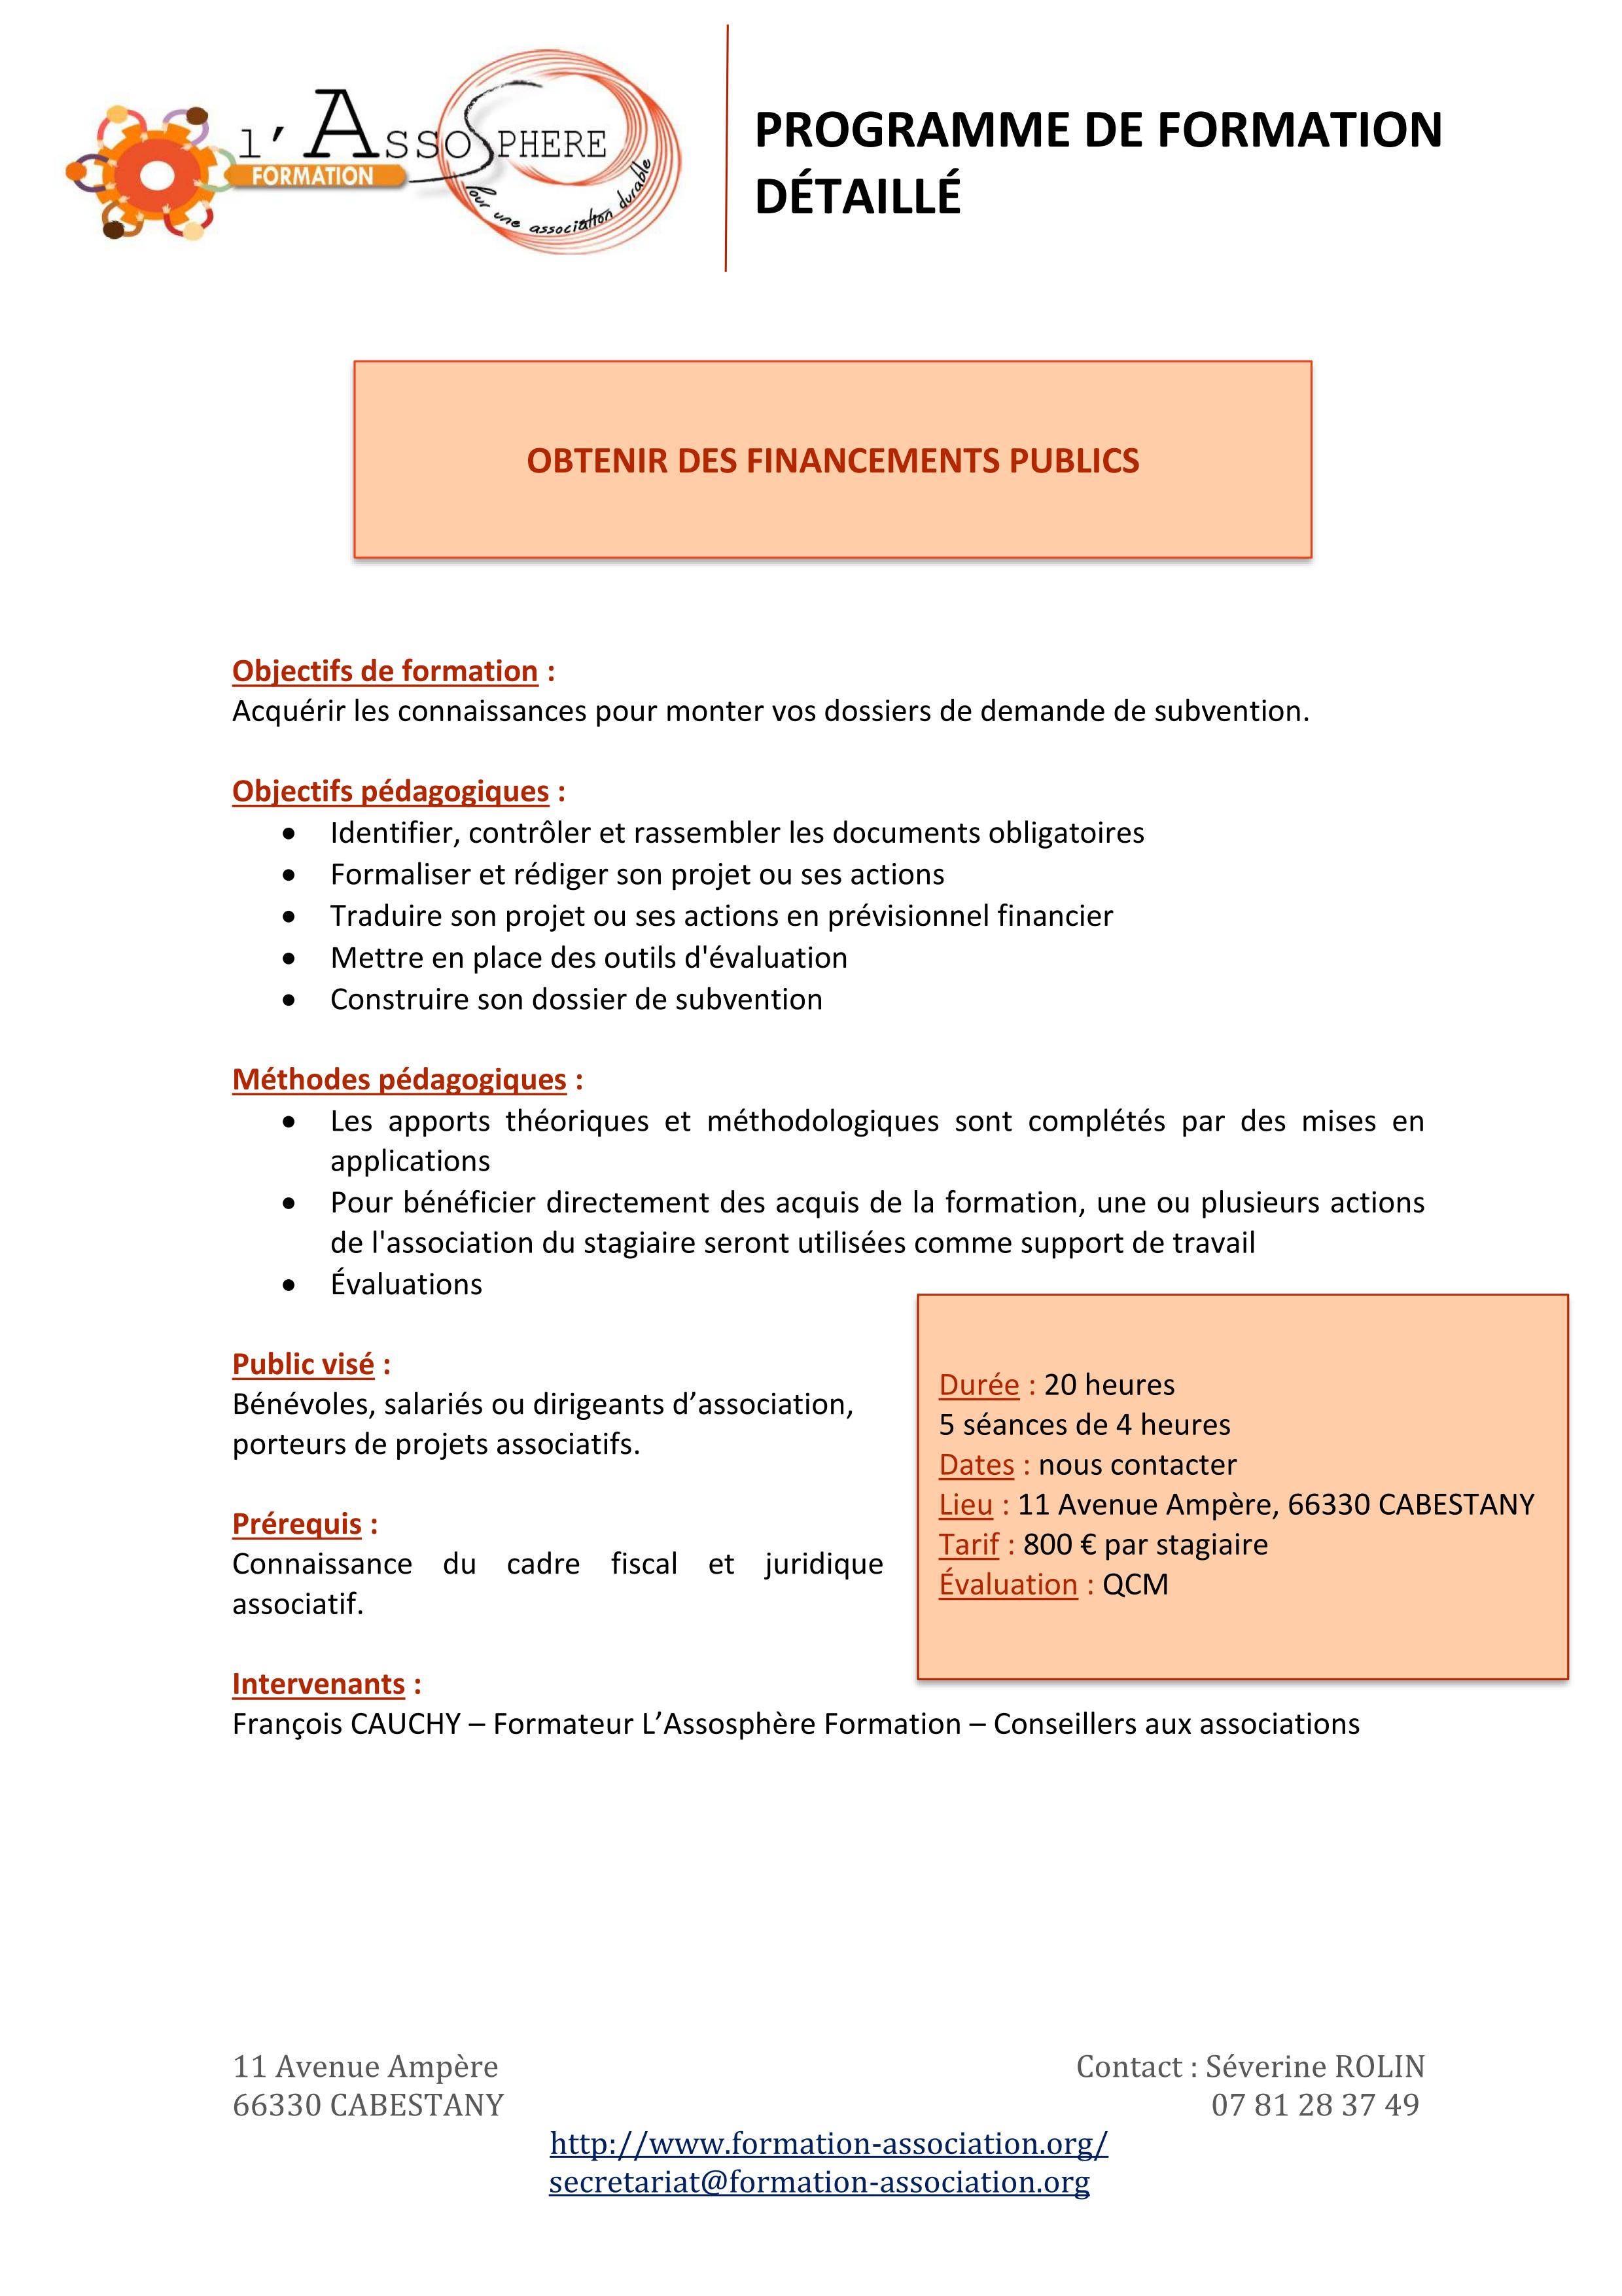 Programme formation Obtenir des financements publics